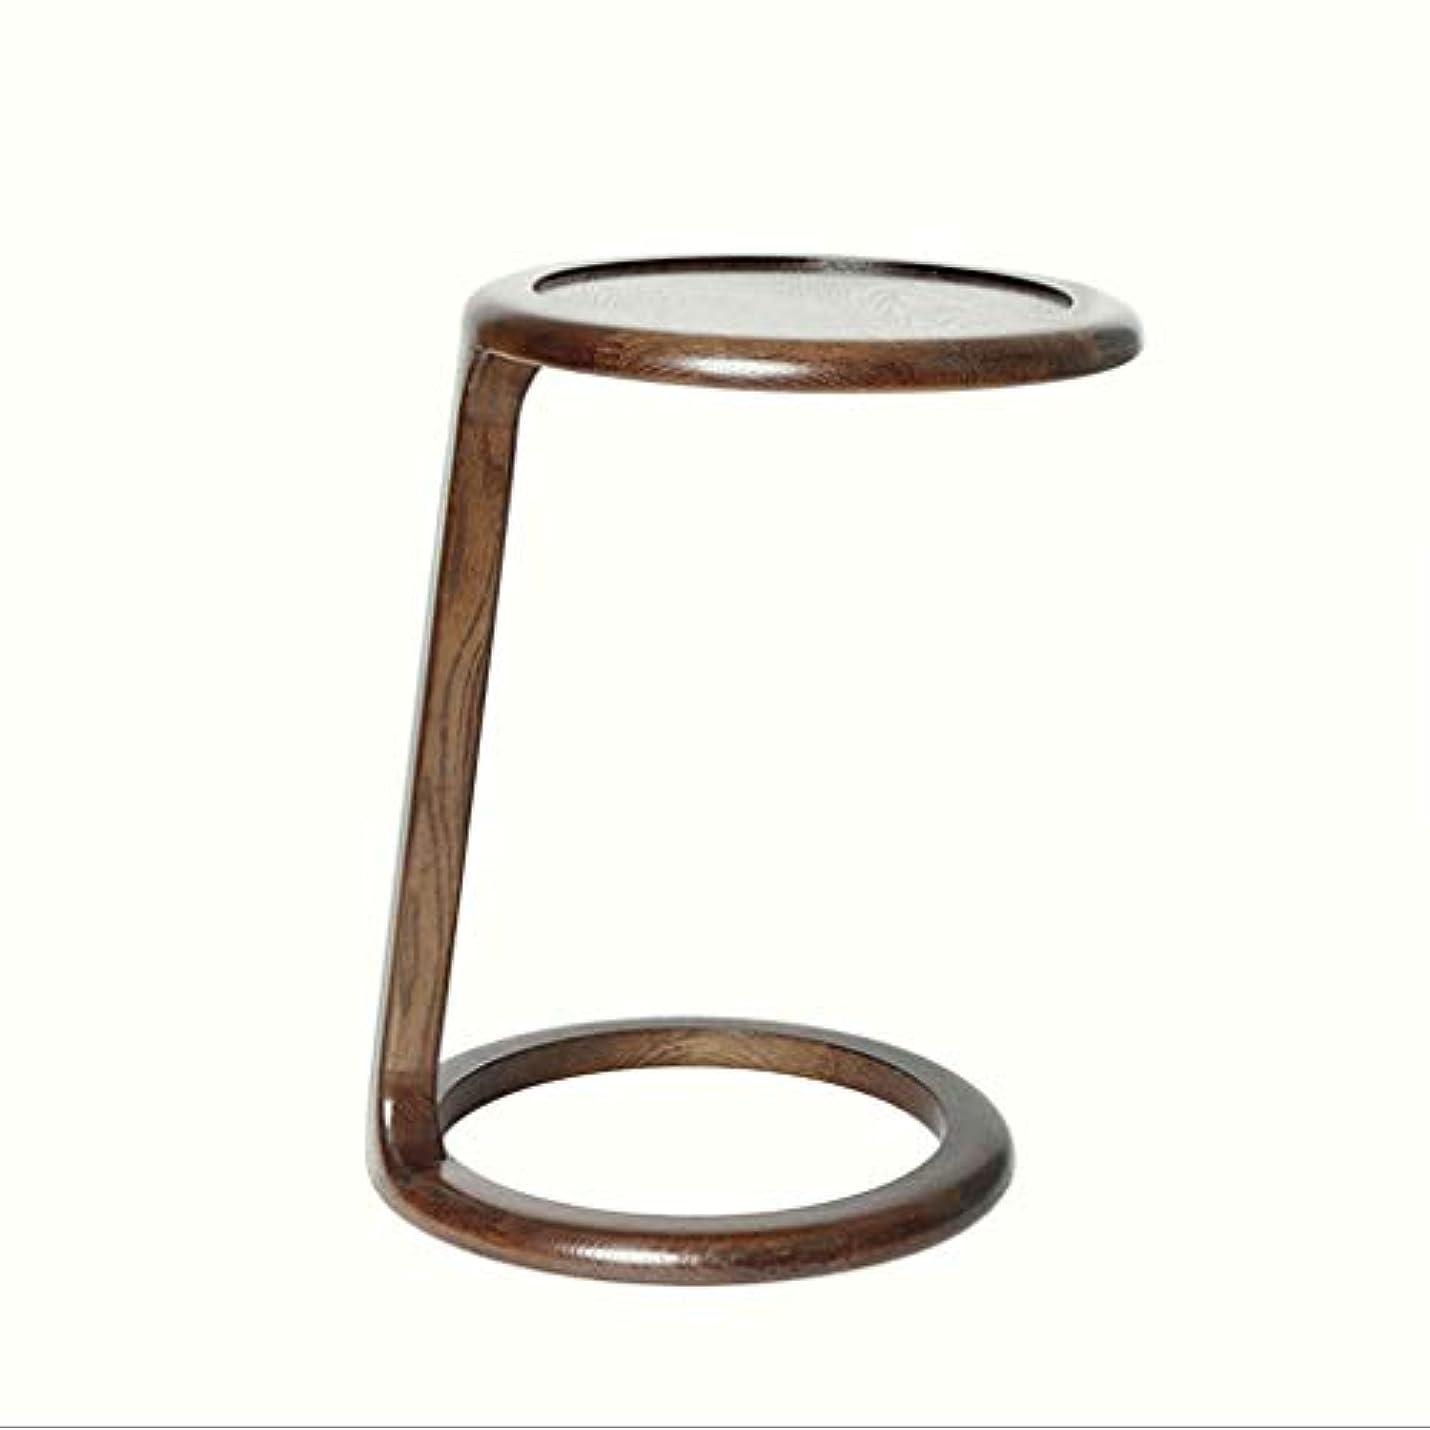 家畜受け皿日帰り旅行にHY 小さなサイドテーブルラウンドウッドのリビングルームバルコニーミニコーヒーテーブル (色 : Walnut color)